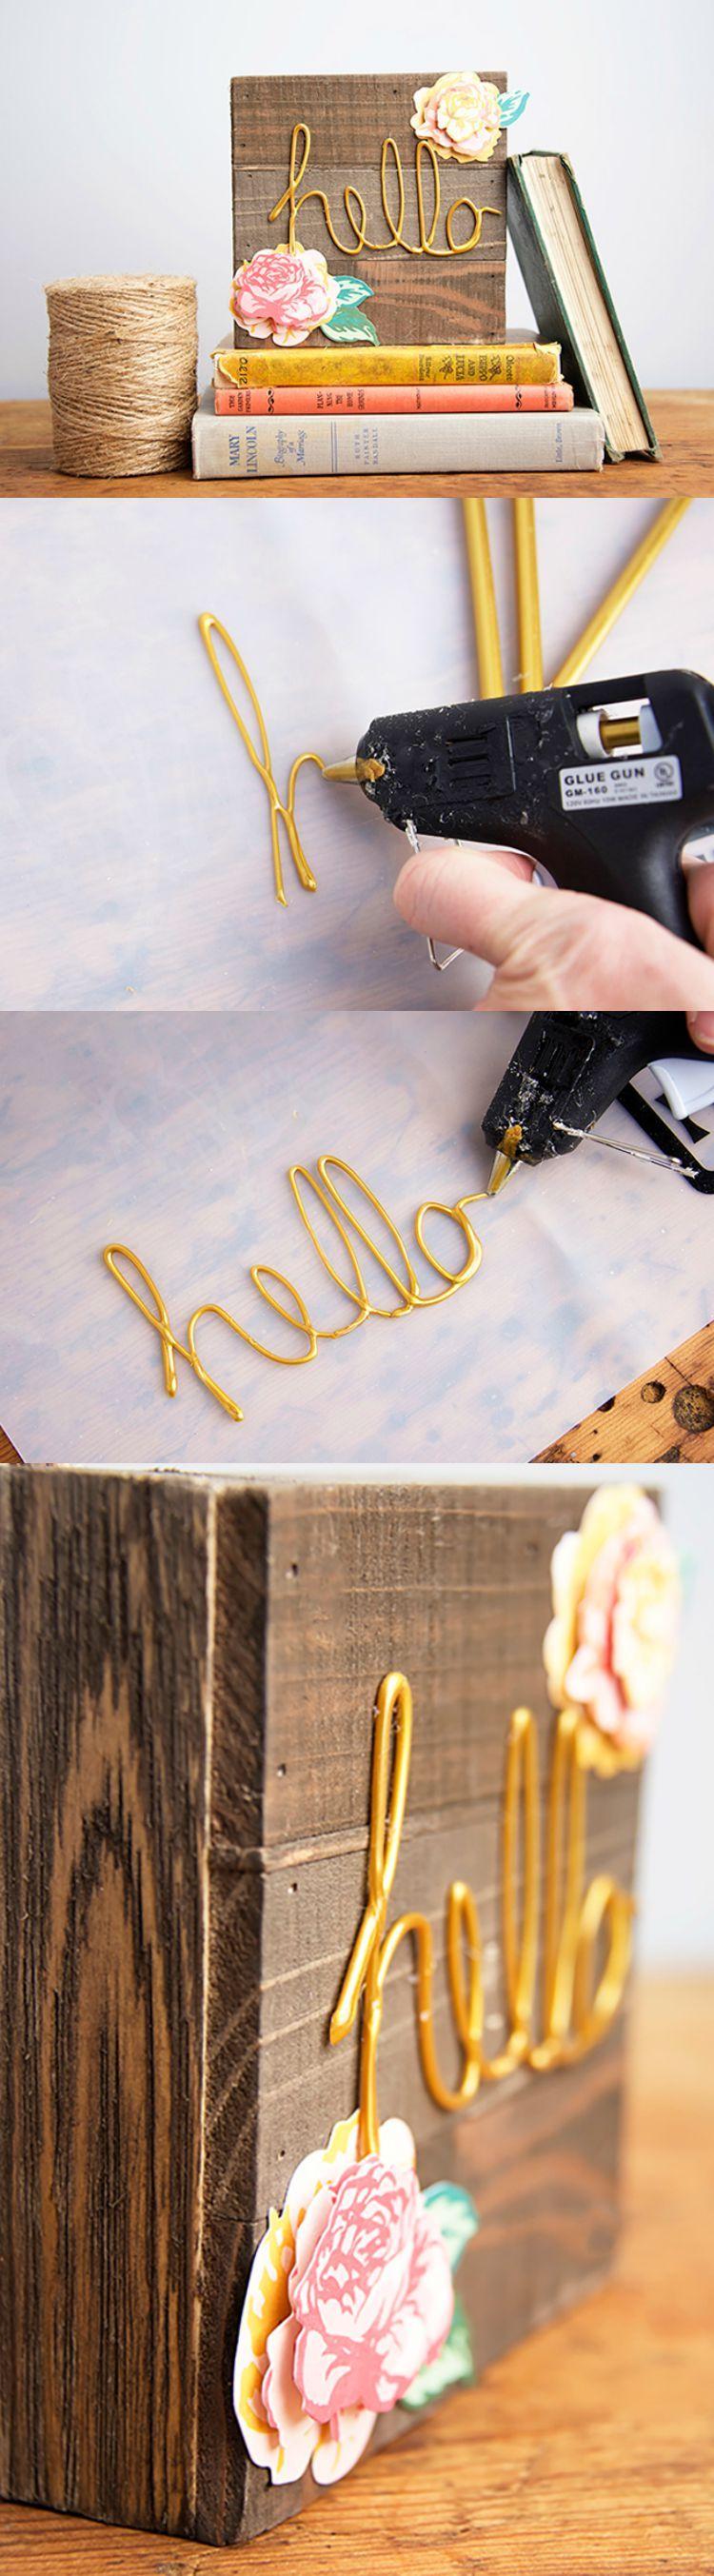 letras con silicona caliente diy y manualidades pinterest bricolage deco et decoration. Black Bedroom Furniture Sets. Home Design Ideas